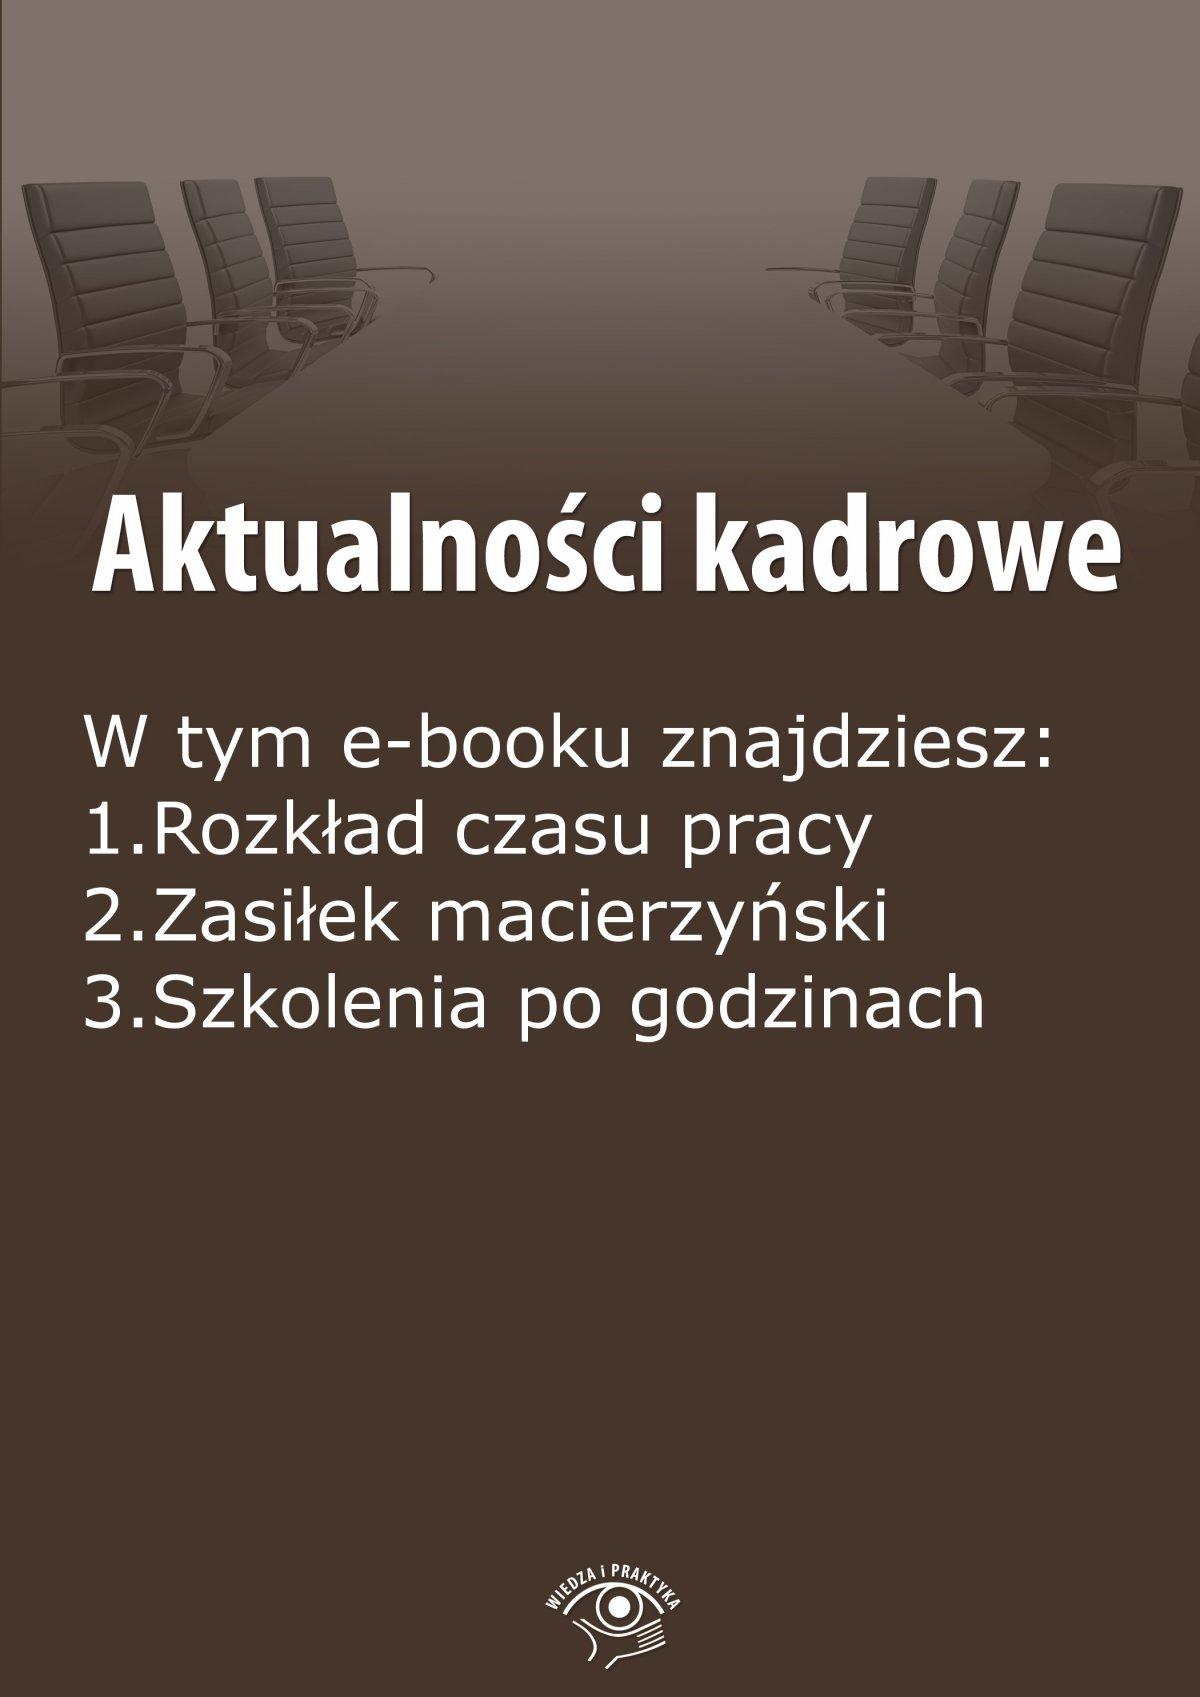 Aktualności kadrowe, wydanie październik 2014 r. - Ebook (Książka EPUB) do pobrania w formacie EPUB